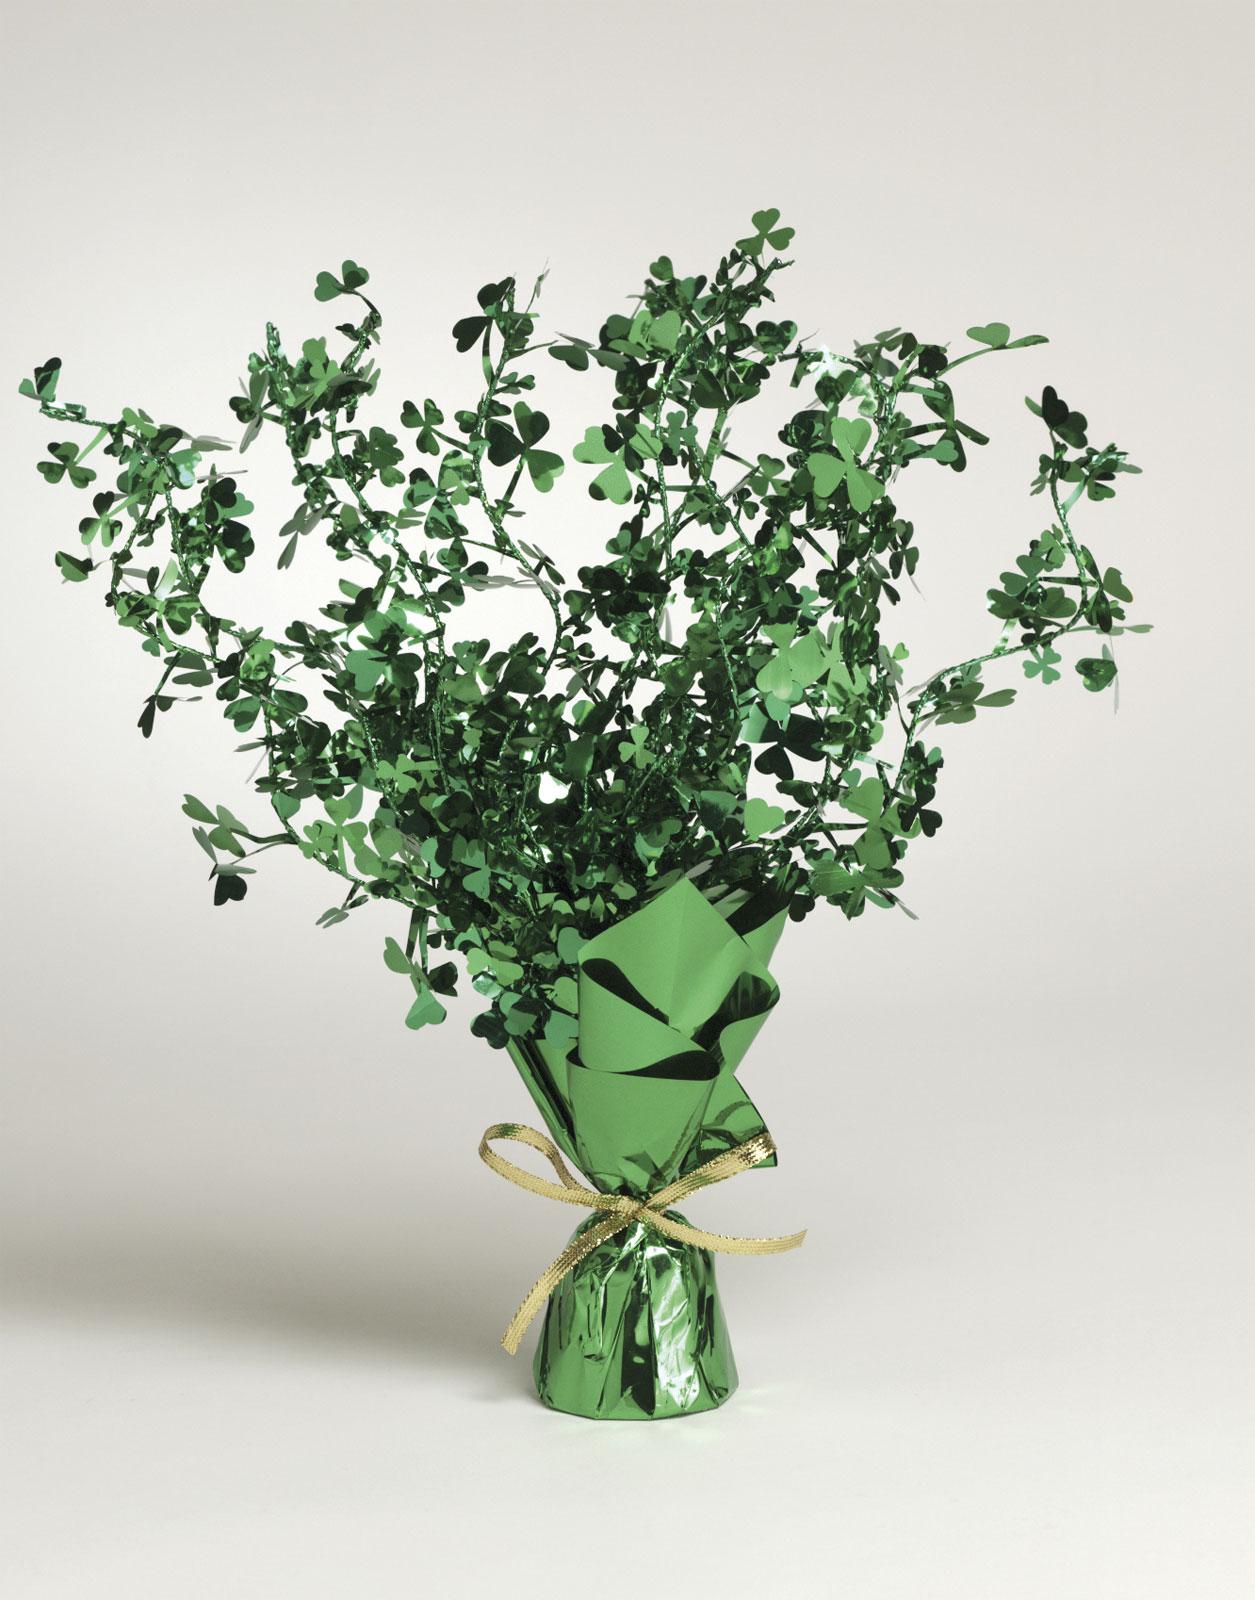 http://images.buycostumes.com/mgen/merchandiser/26440.jpg